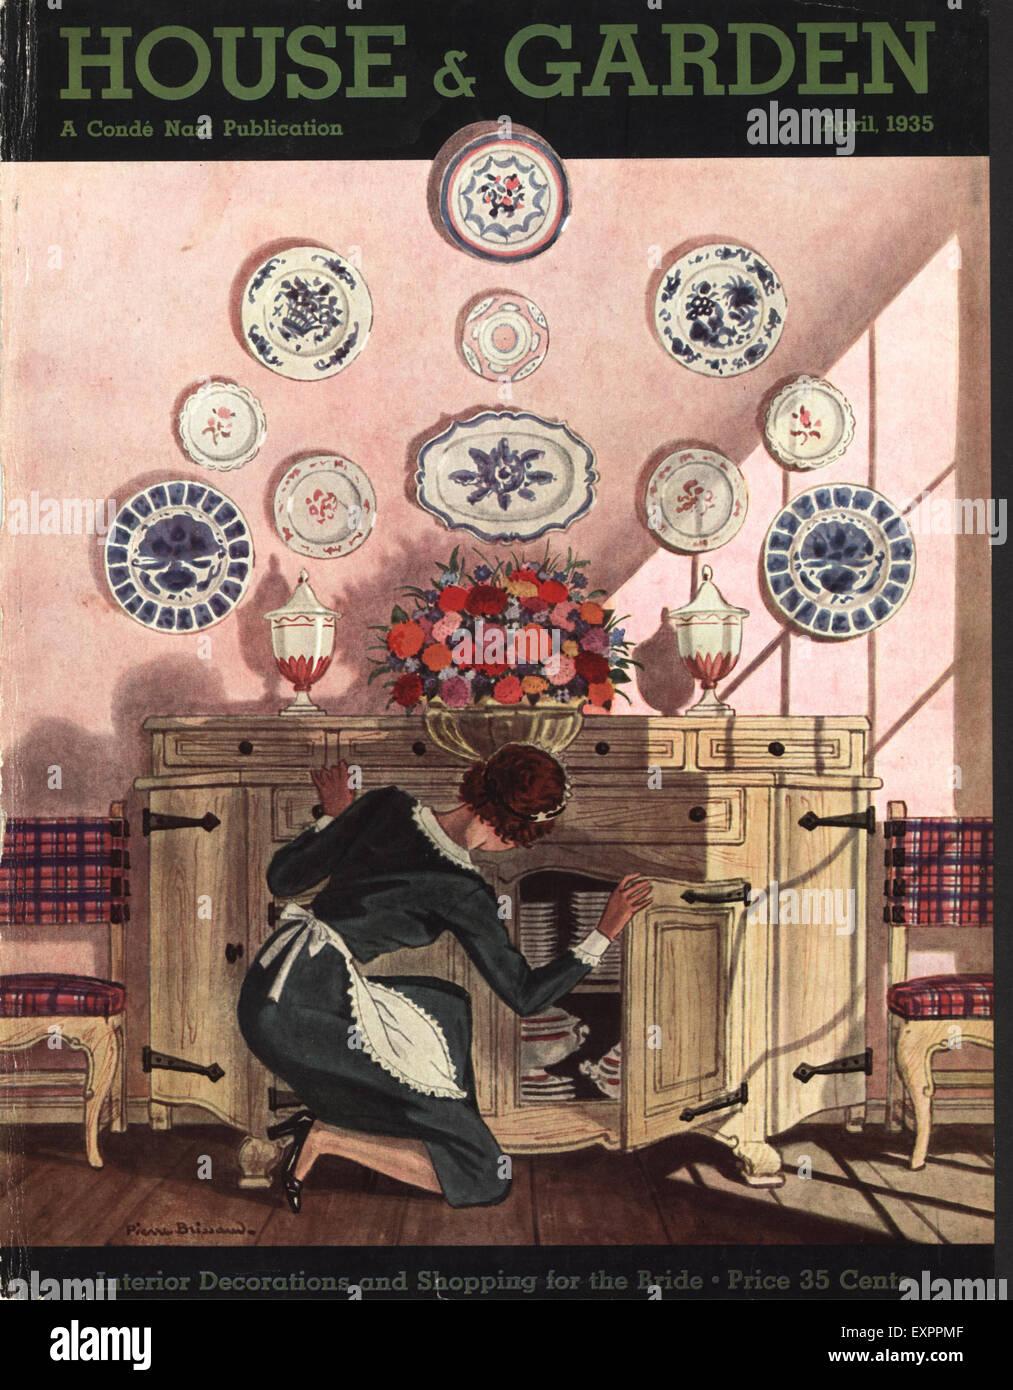 1930er Jahre USA-Haus und Garten Zeitschrift Anzeige Stockfoto, Bild ...